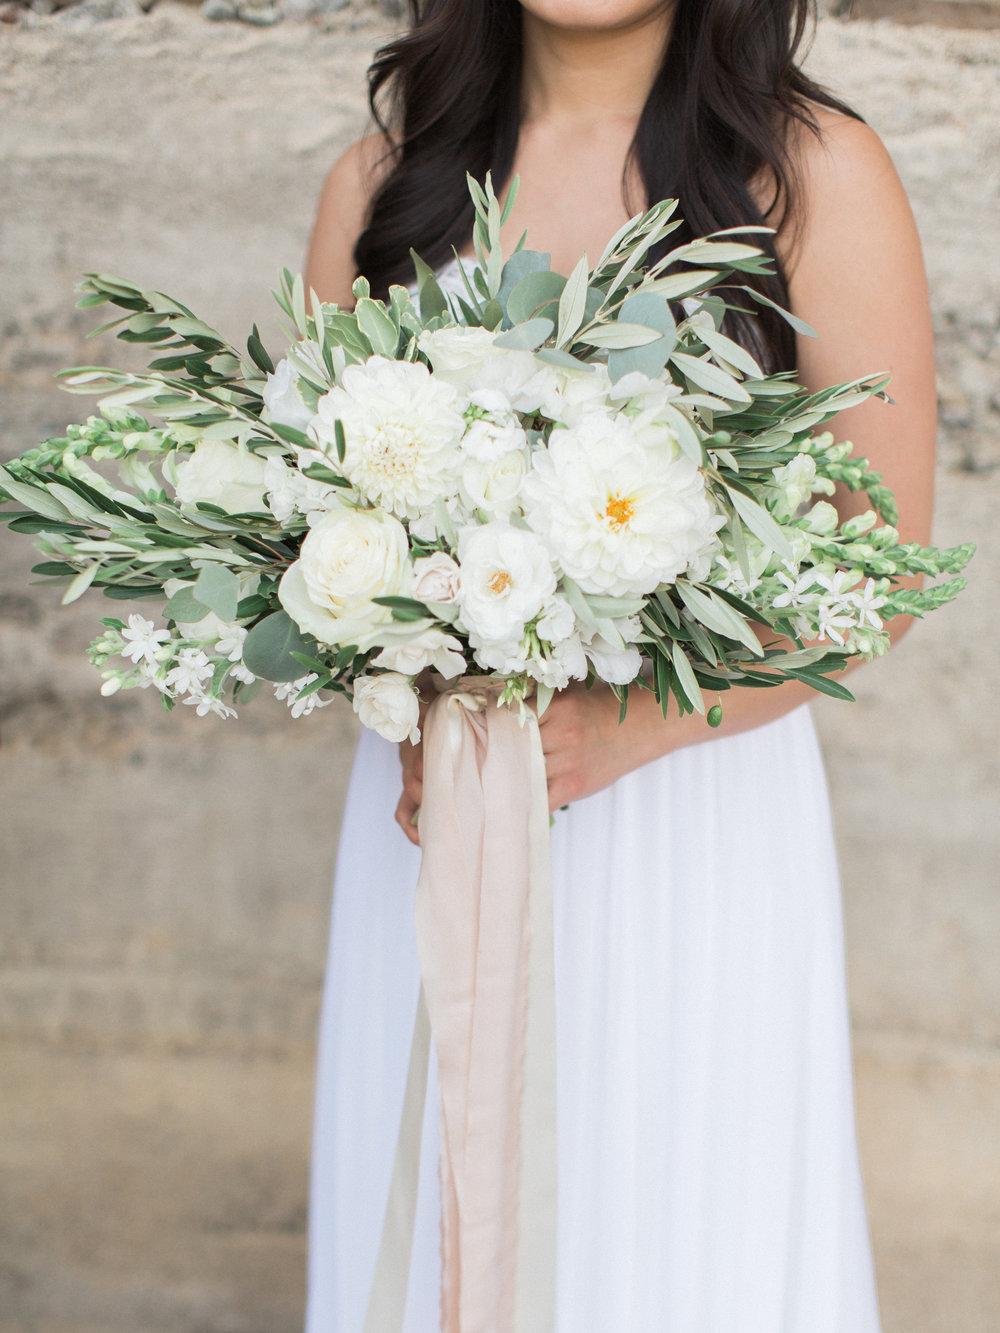 trynhphoto_sandiego_orangecounty_temecula_sf_weddingphotographer_KN-123.jpg